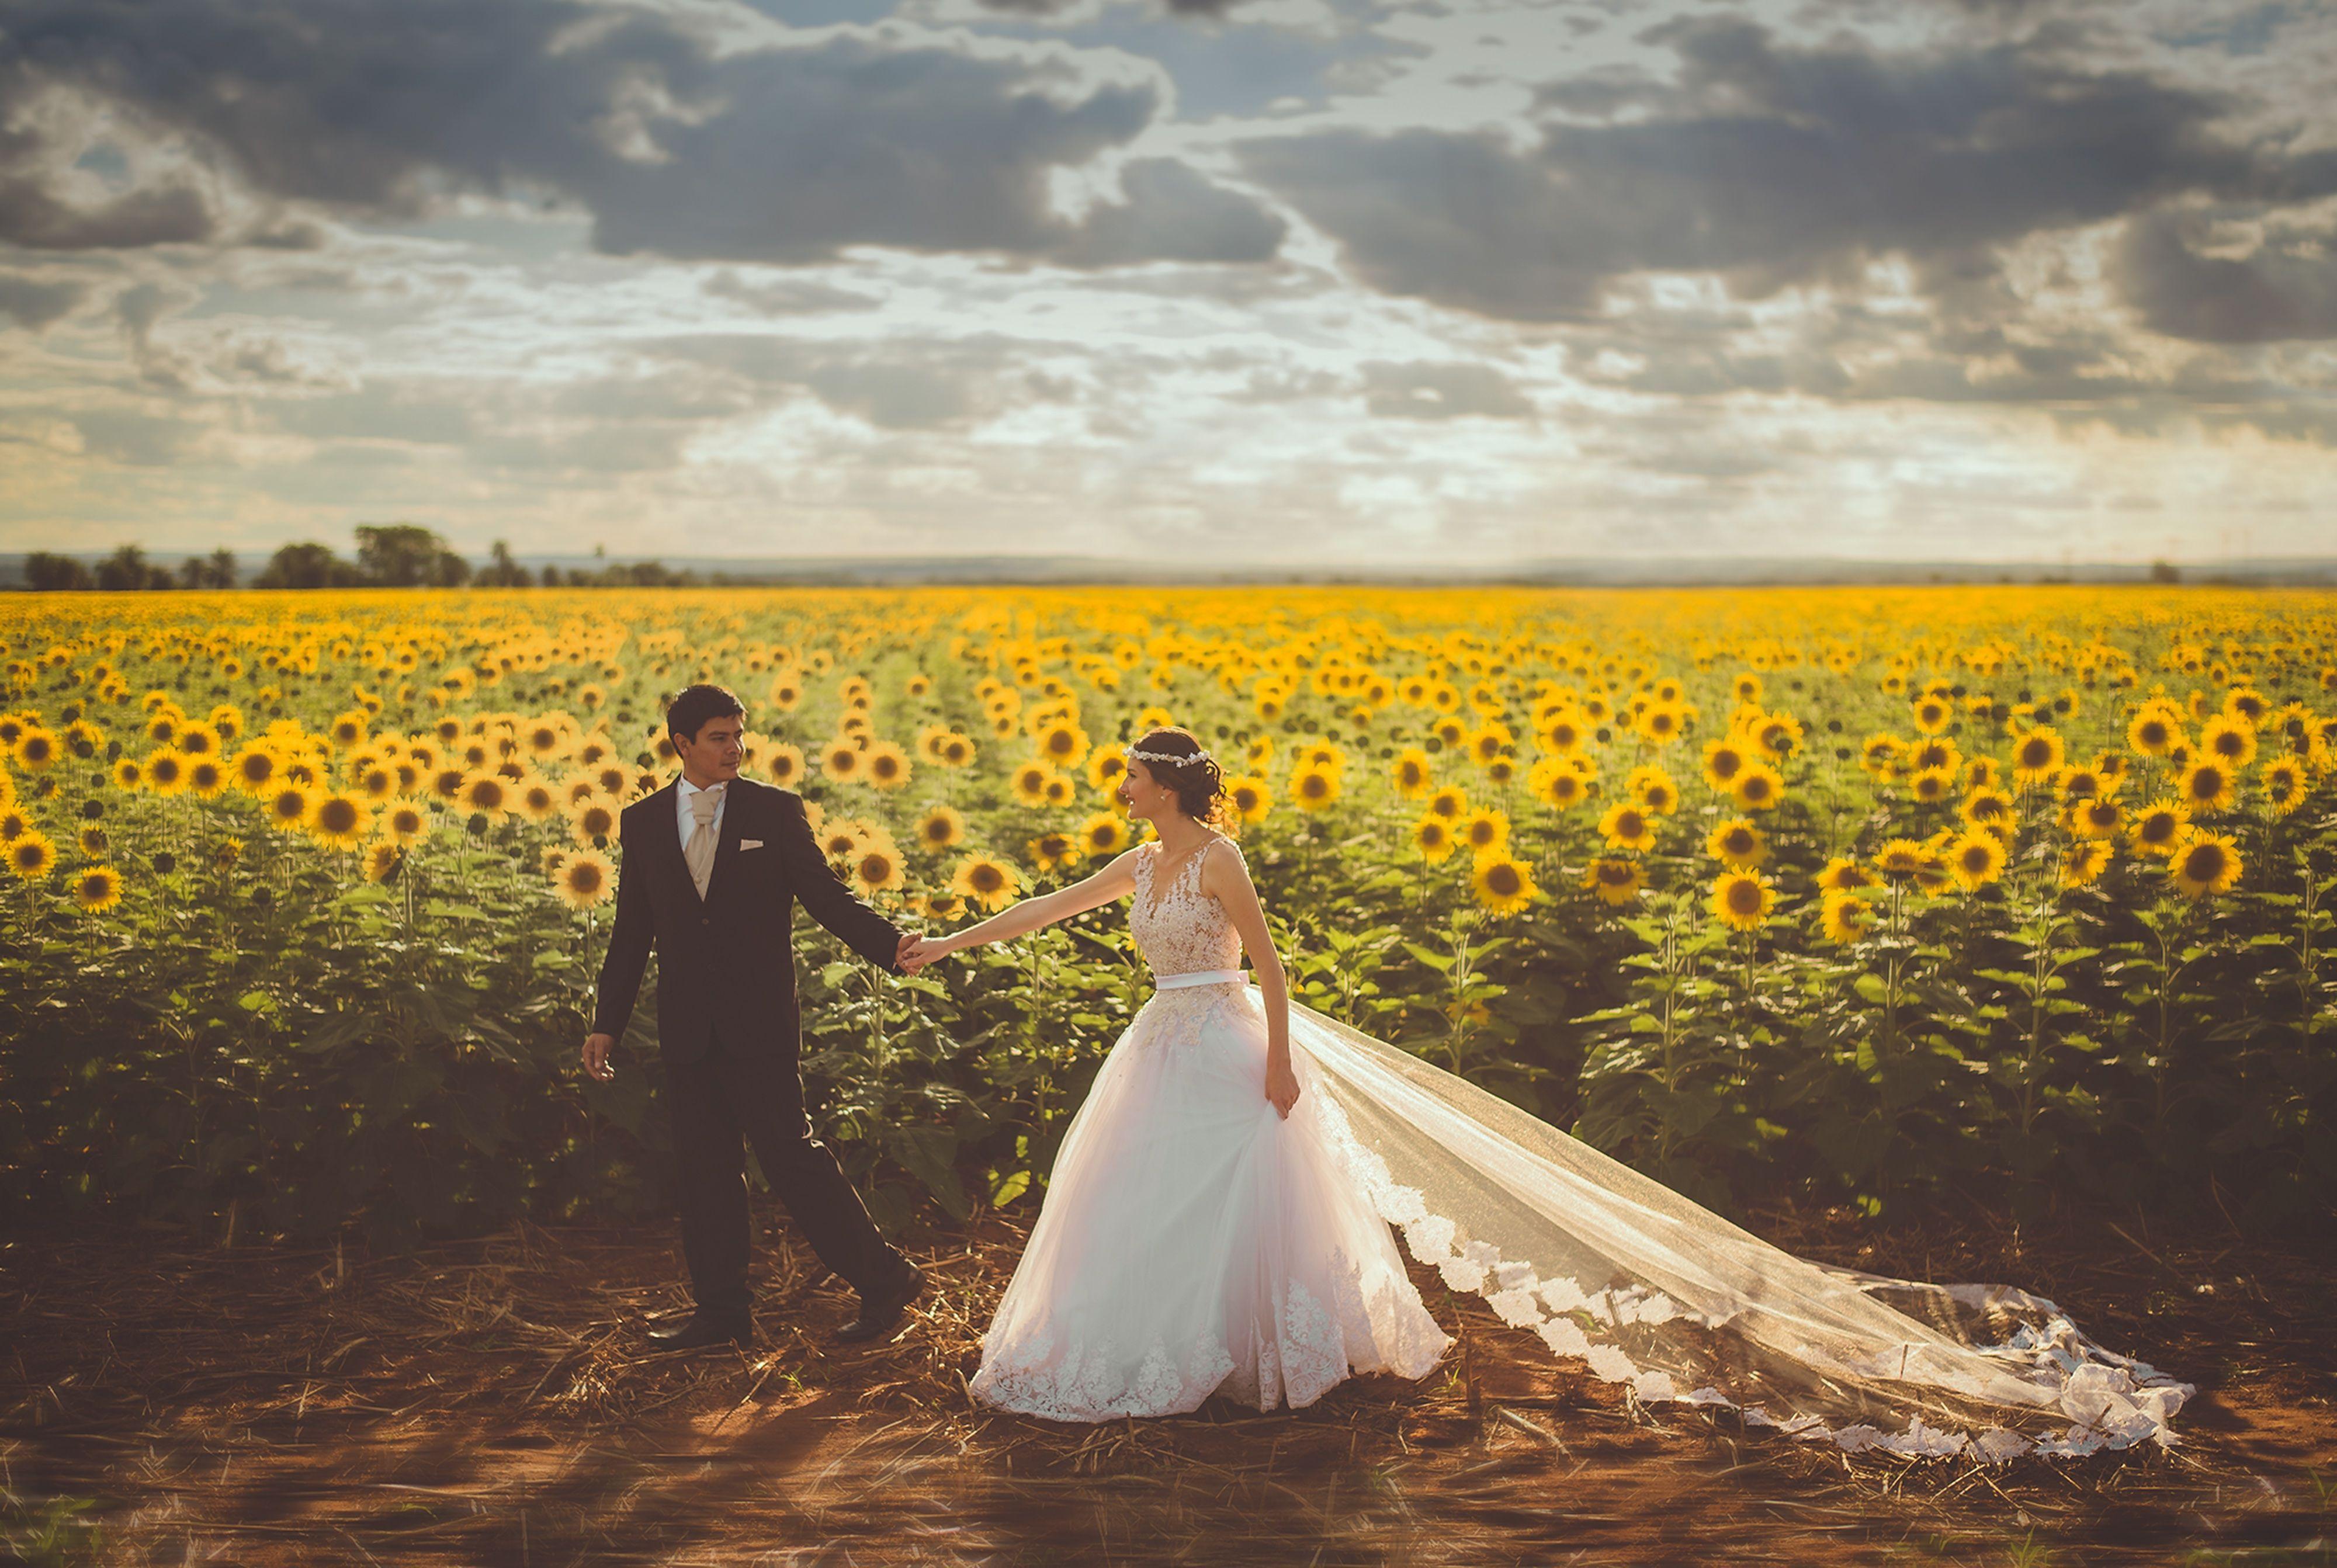 4 BONNES RAISONS DE SE MARIER DANS LE SUD DE LA FRANCE https://www.marisamirioni.com/4-bonnes-raisons-de-se-marier-dans-le-sud-de-la-france/ #wedding #weddingplanner #weddingplannersouthofrance #southoffrance #suddelafrance